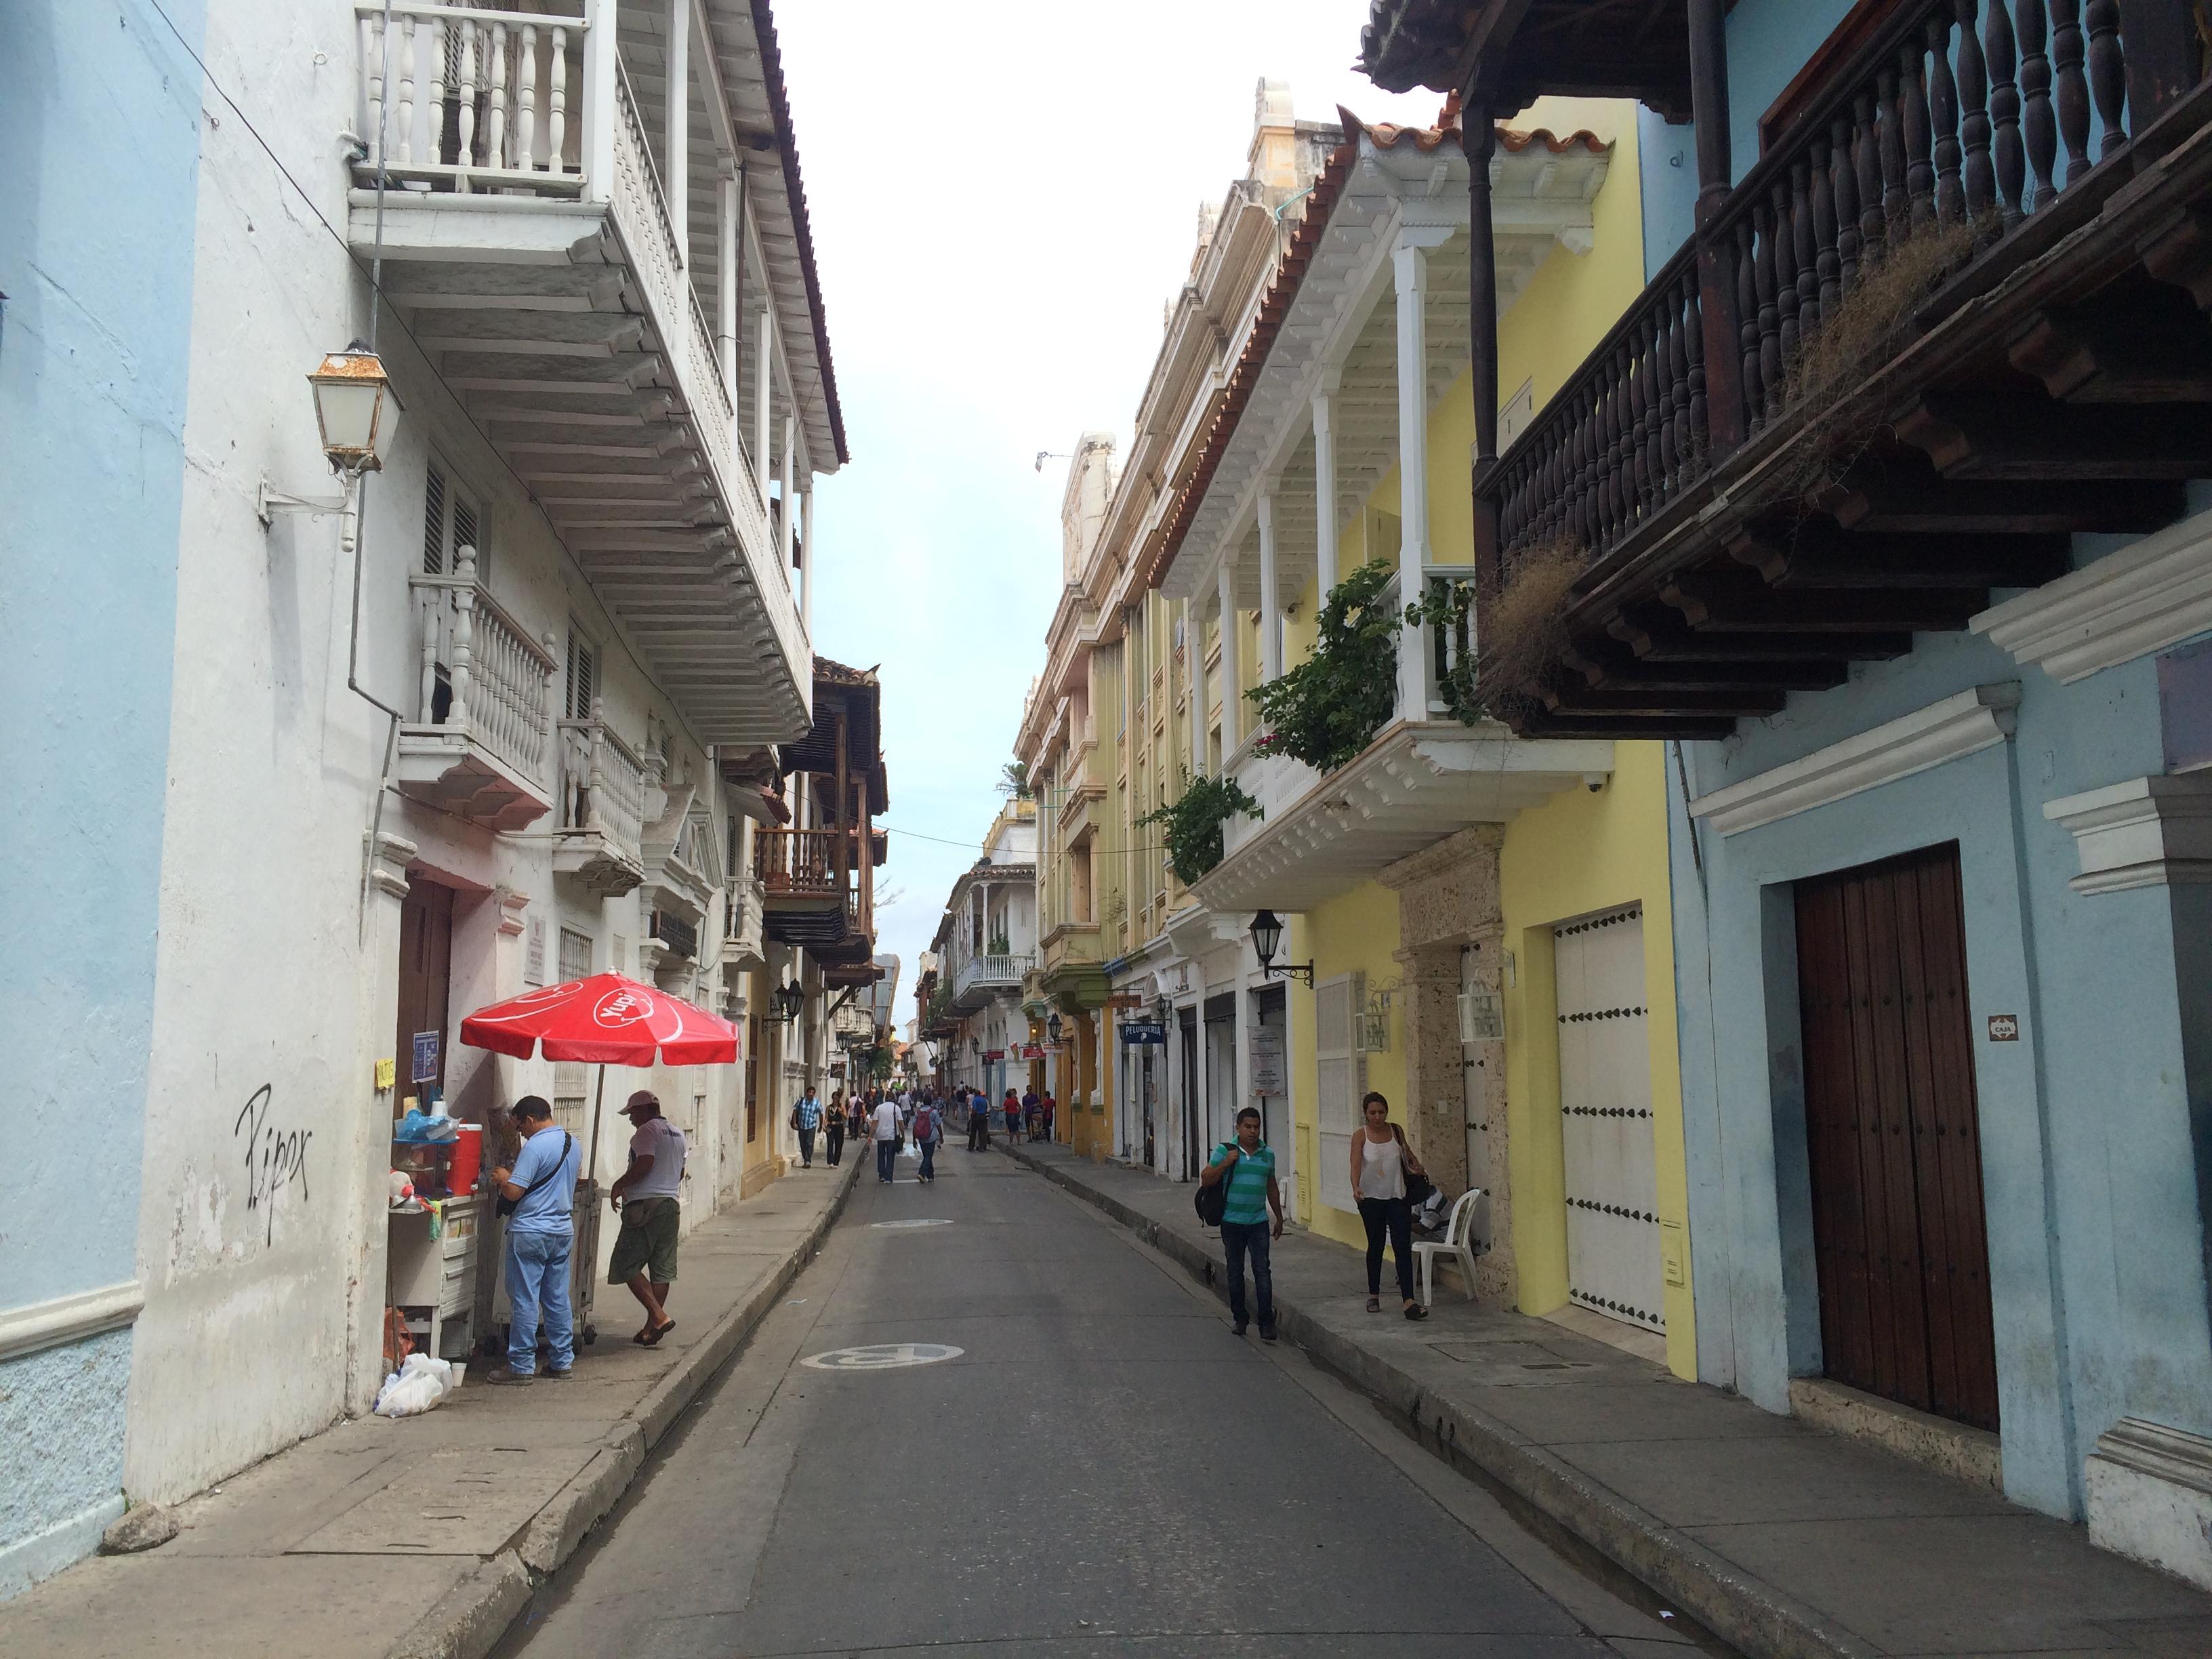 Cartagena tinder in Cartagena Women: